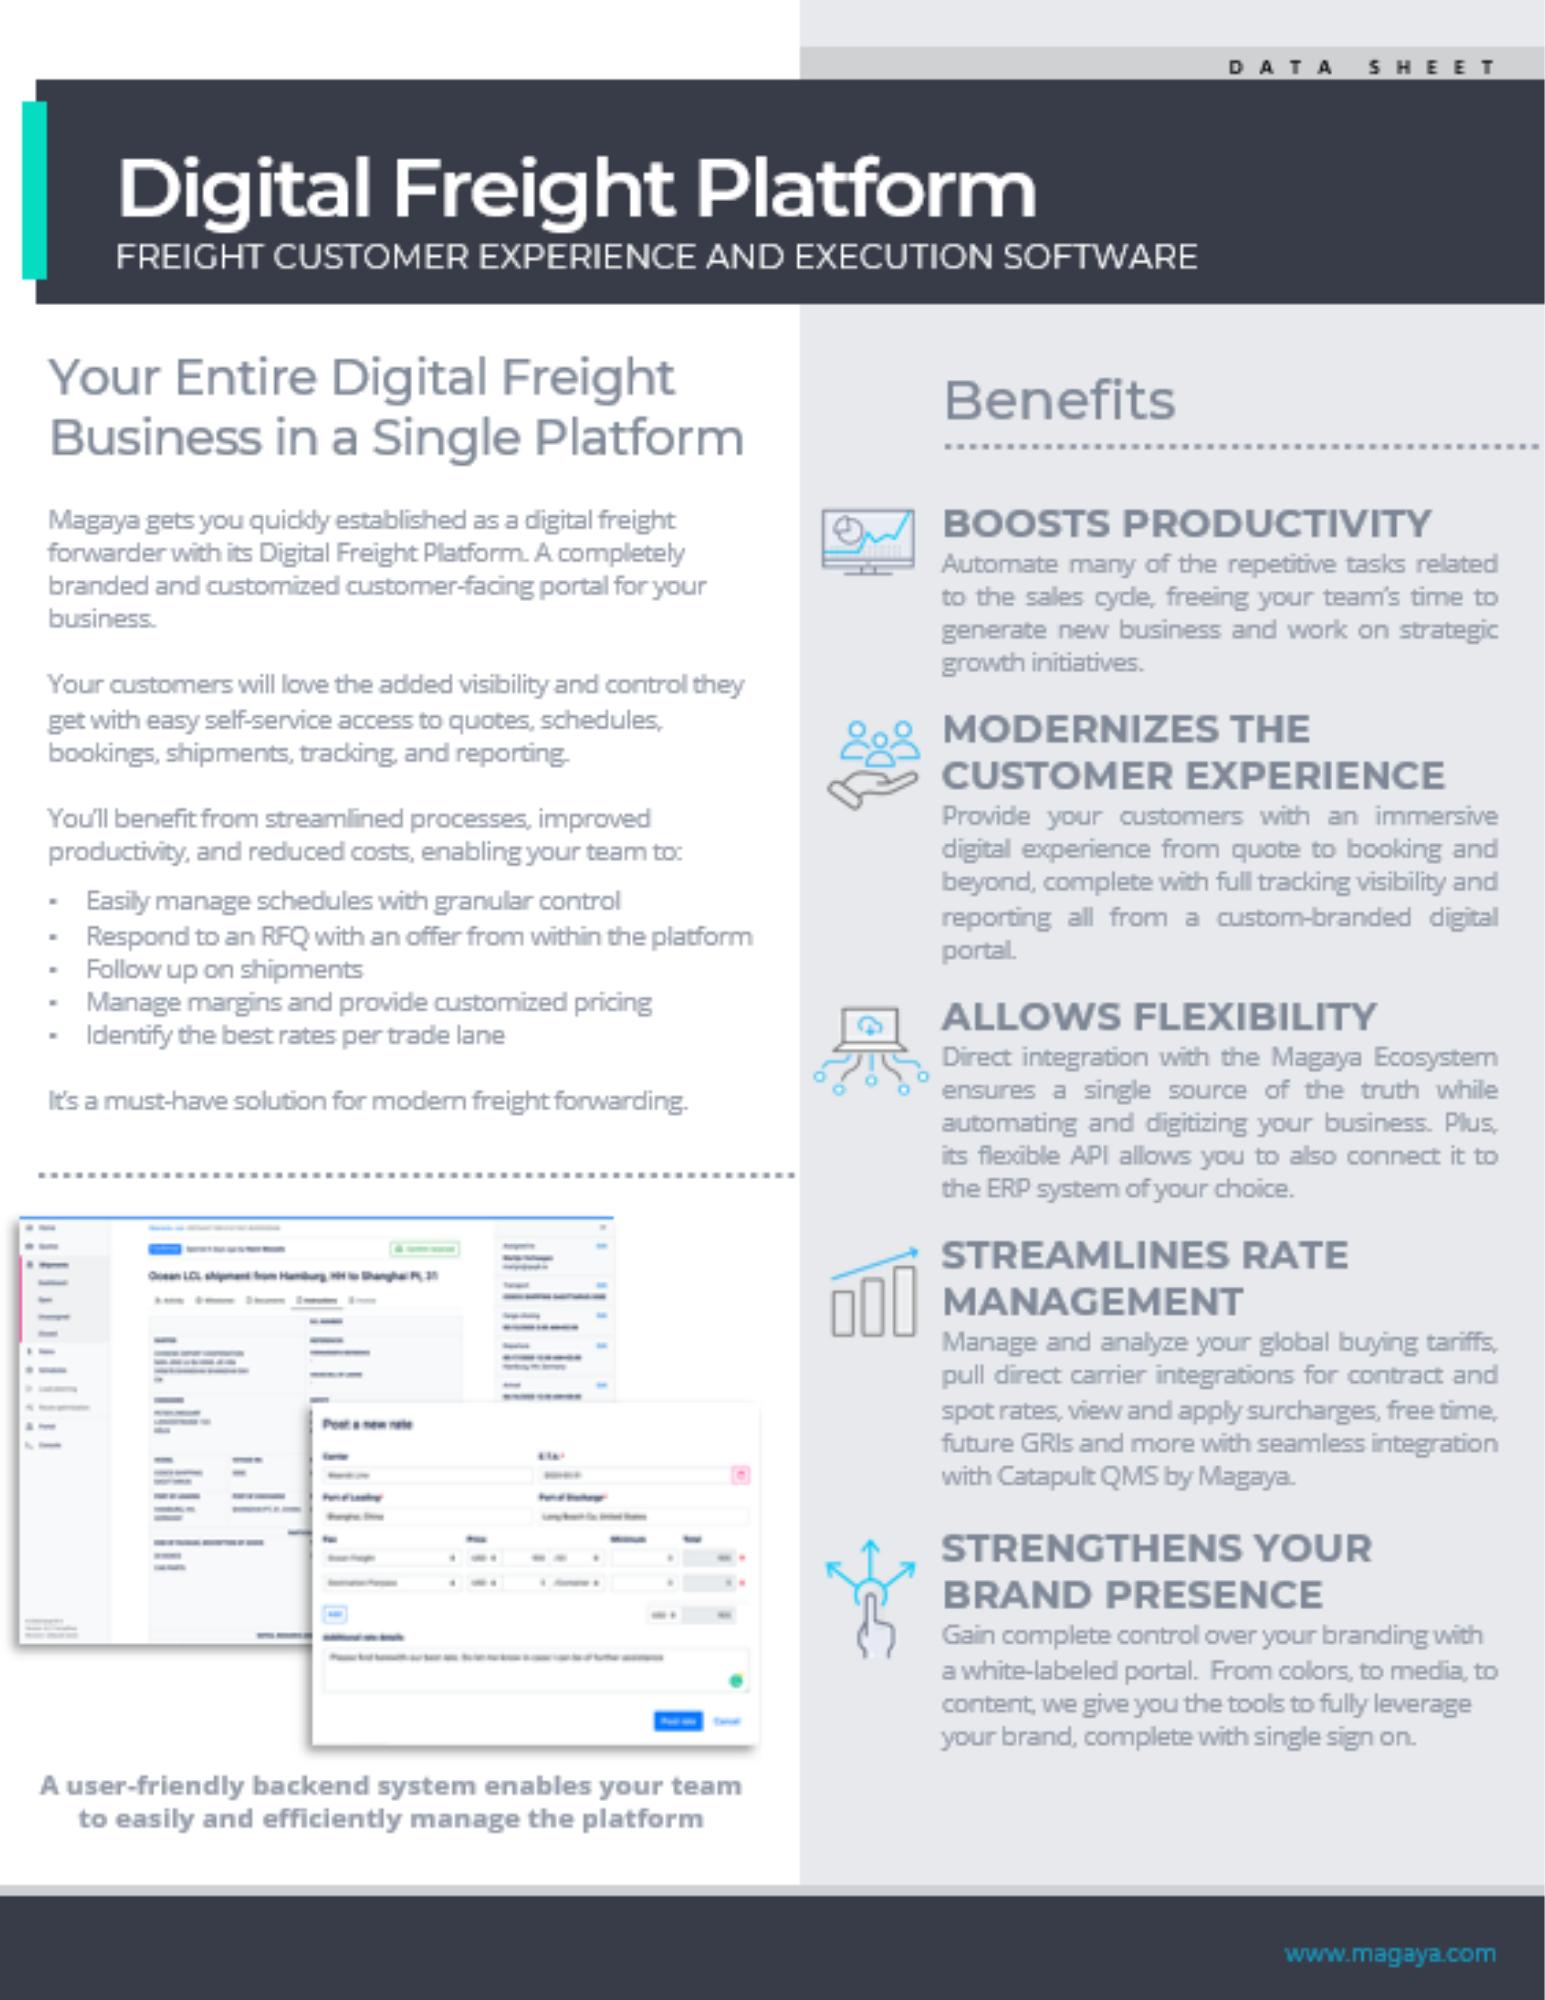 Digital Freight Platform Data Sheet